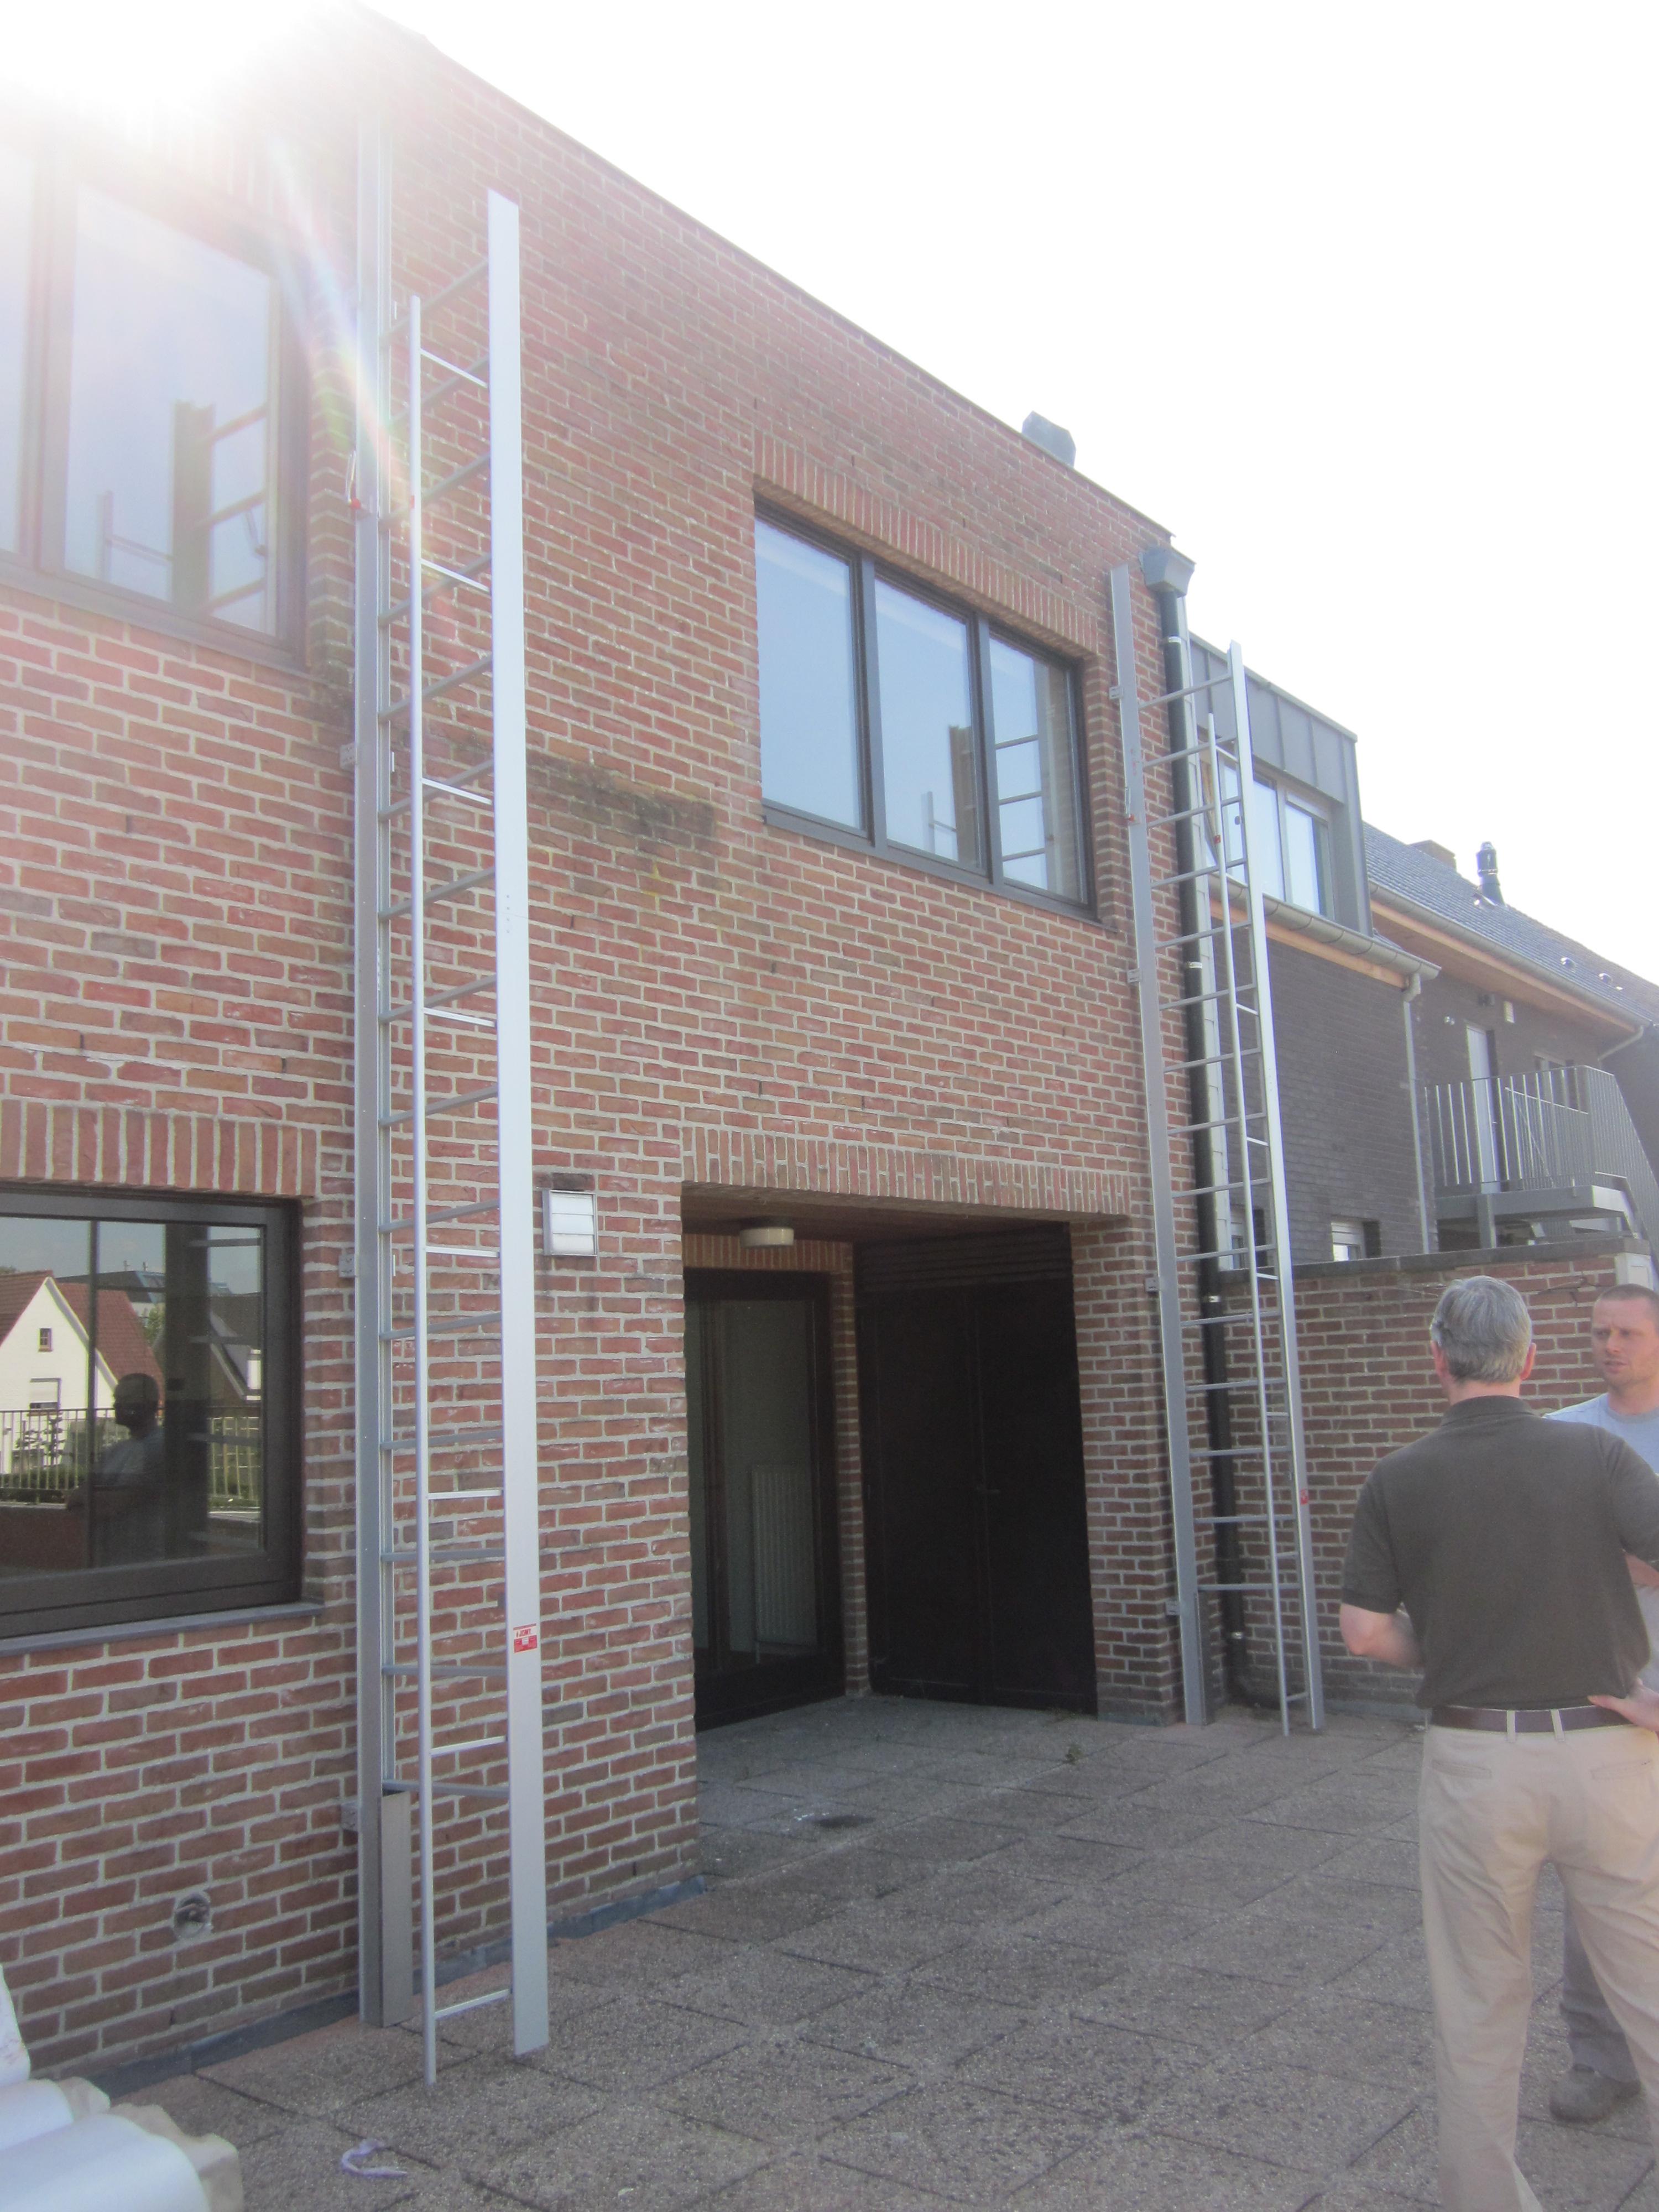 Apartment Building Fire Escape Ladder jomy| fire escape ladders retractable